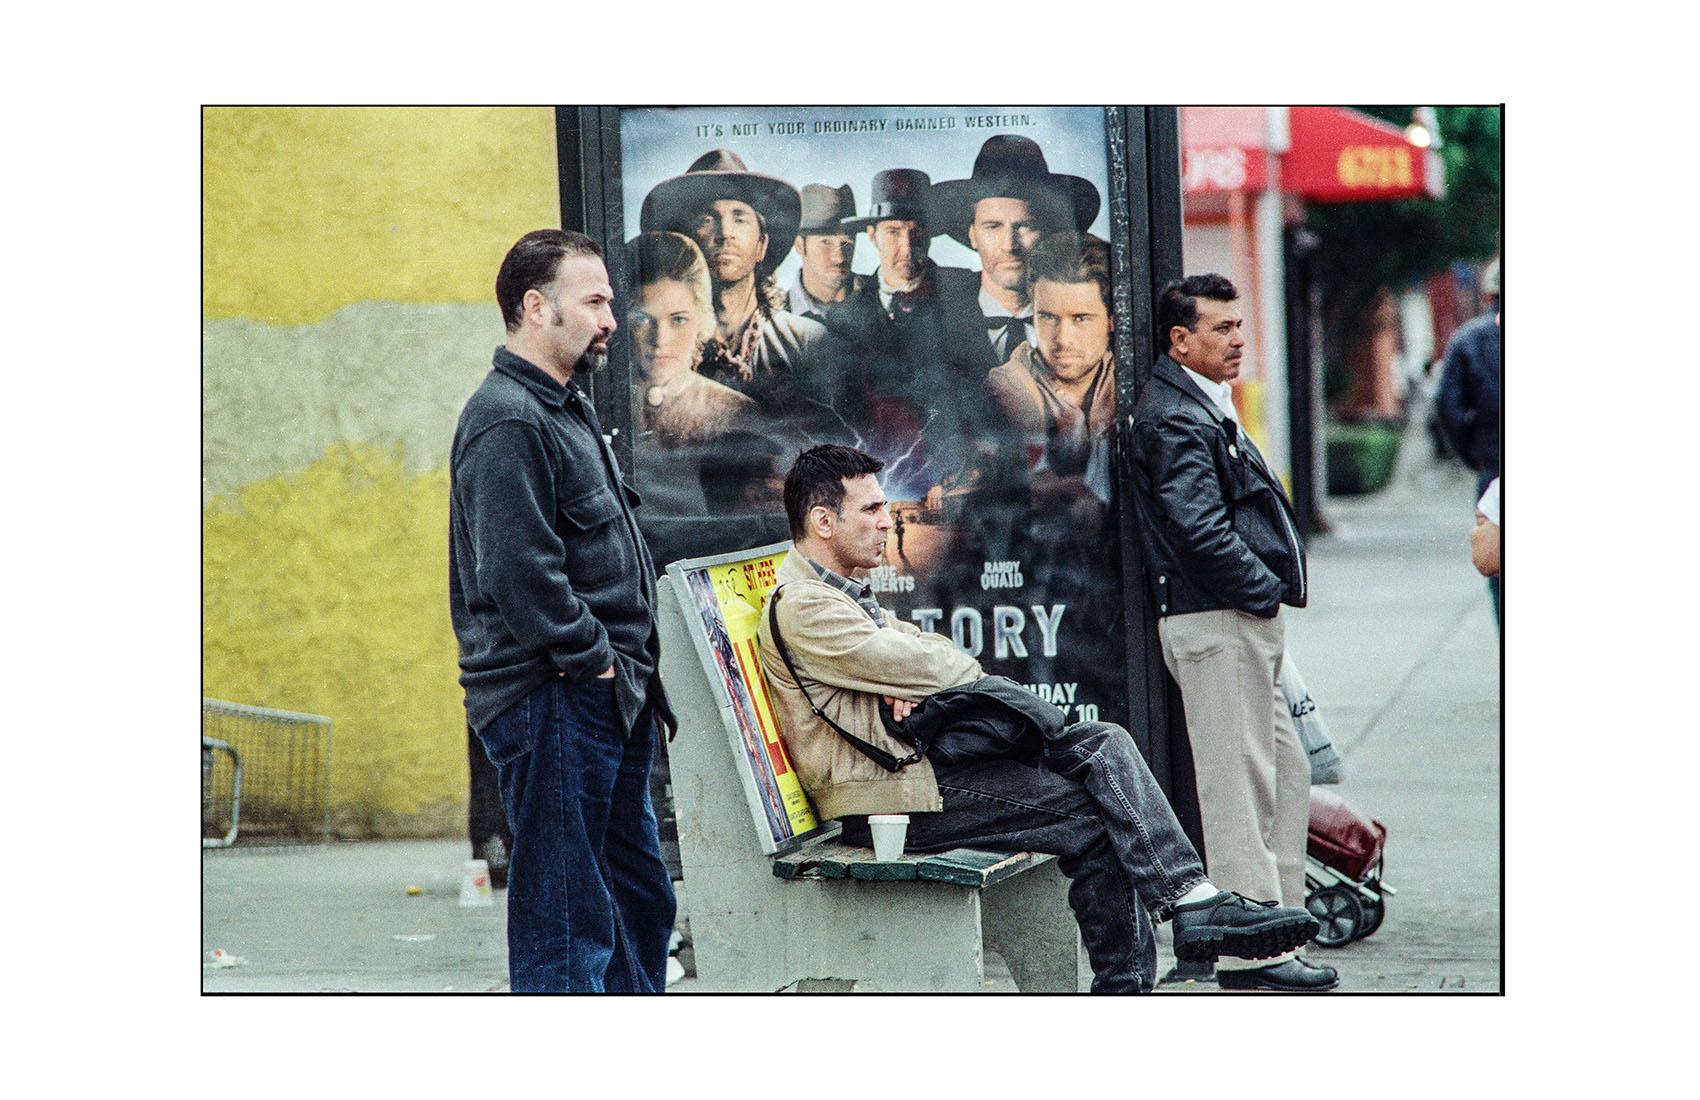 Cowboy Bus Stop